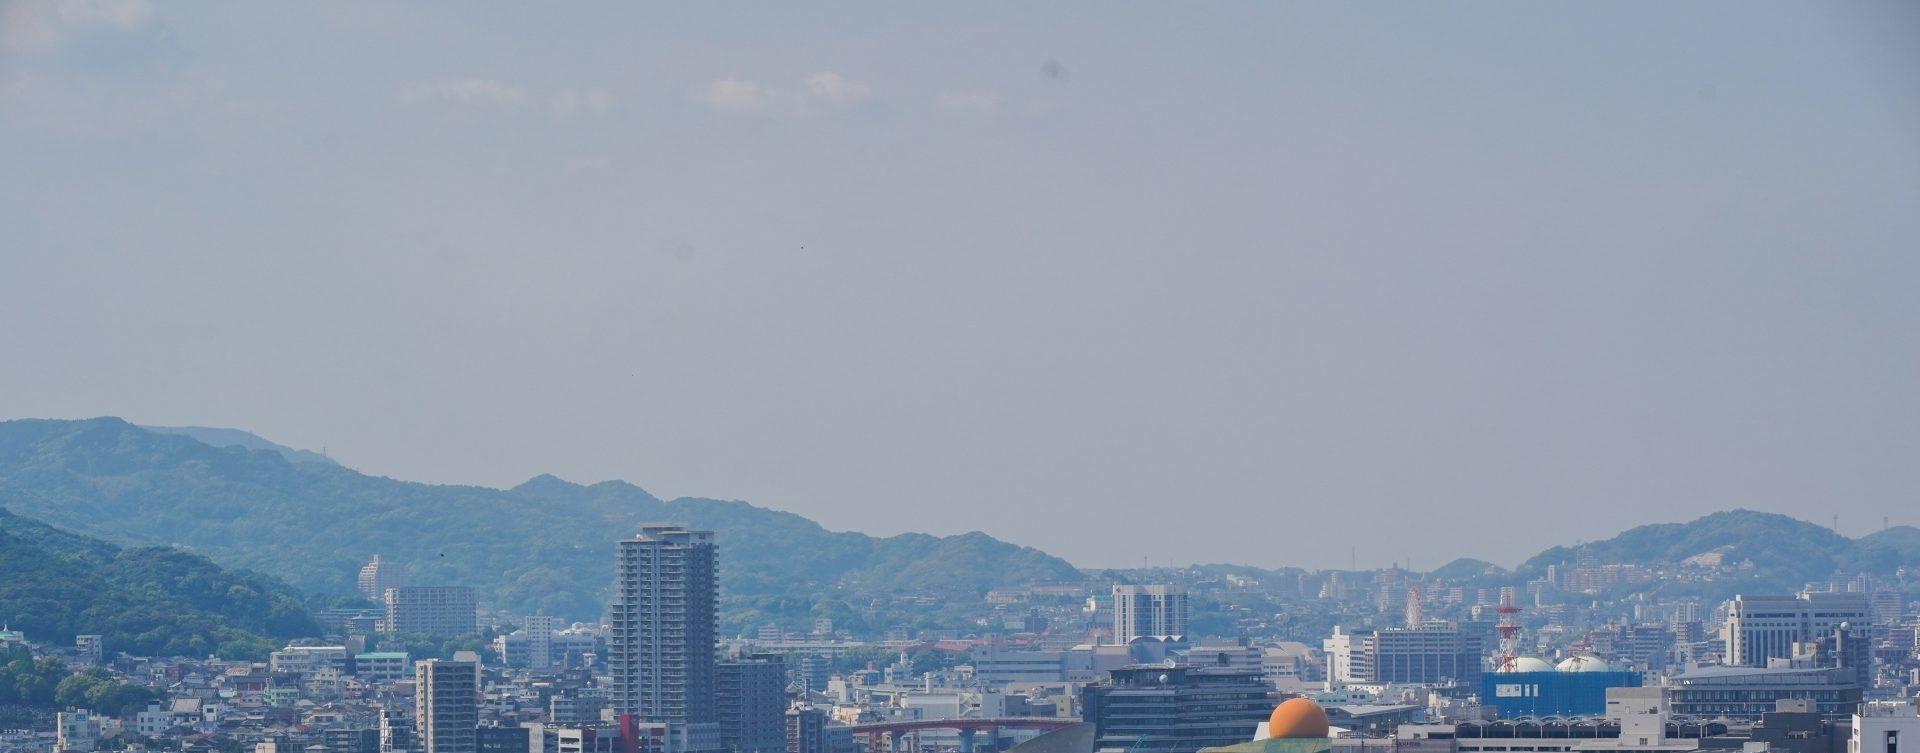 長崎市風景